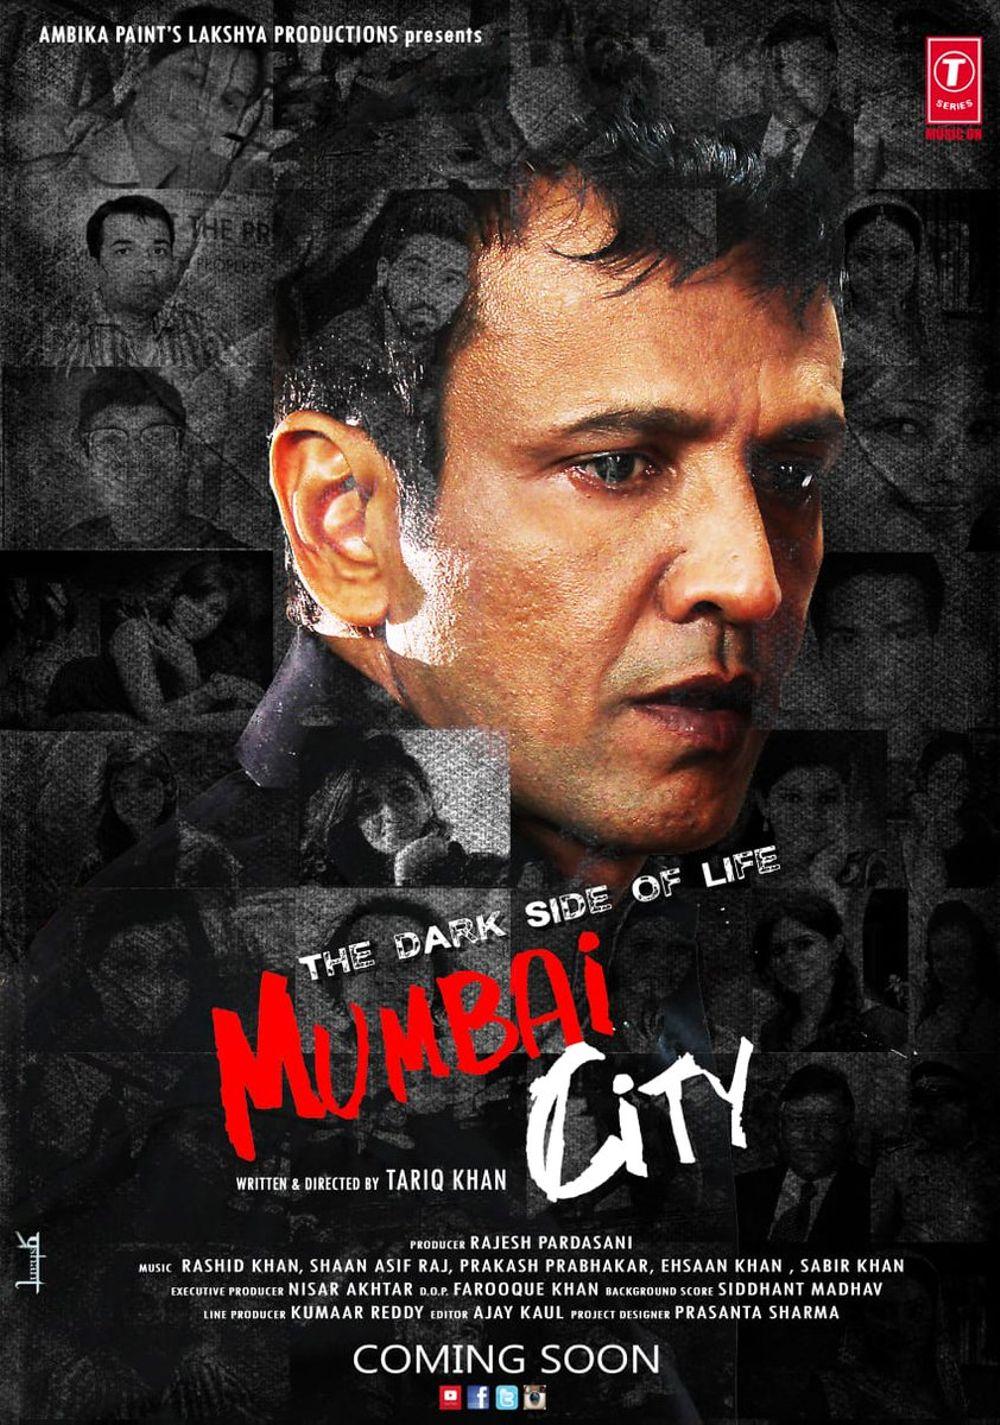 The Dark Side Of Life: Mumbai City Movie Review Hindi Movie Review